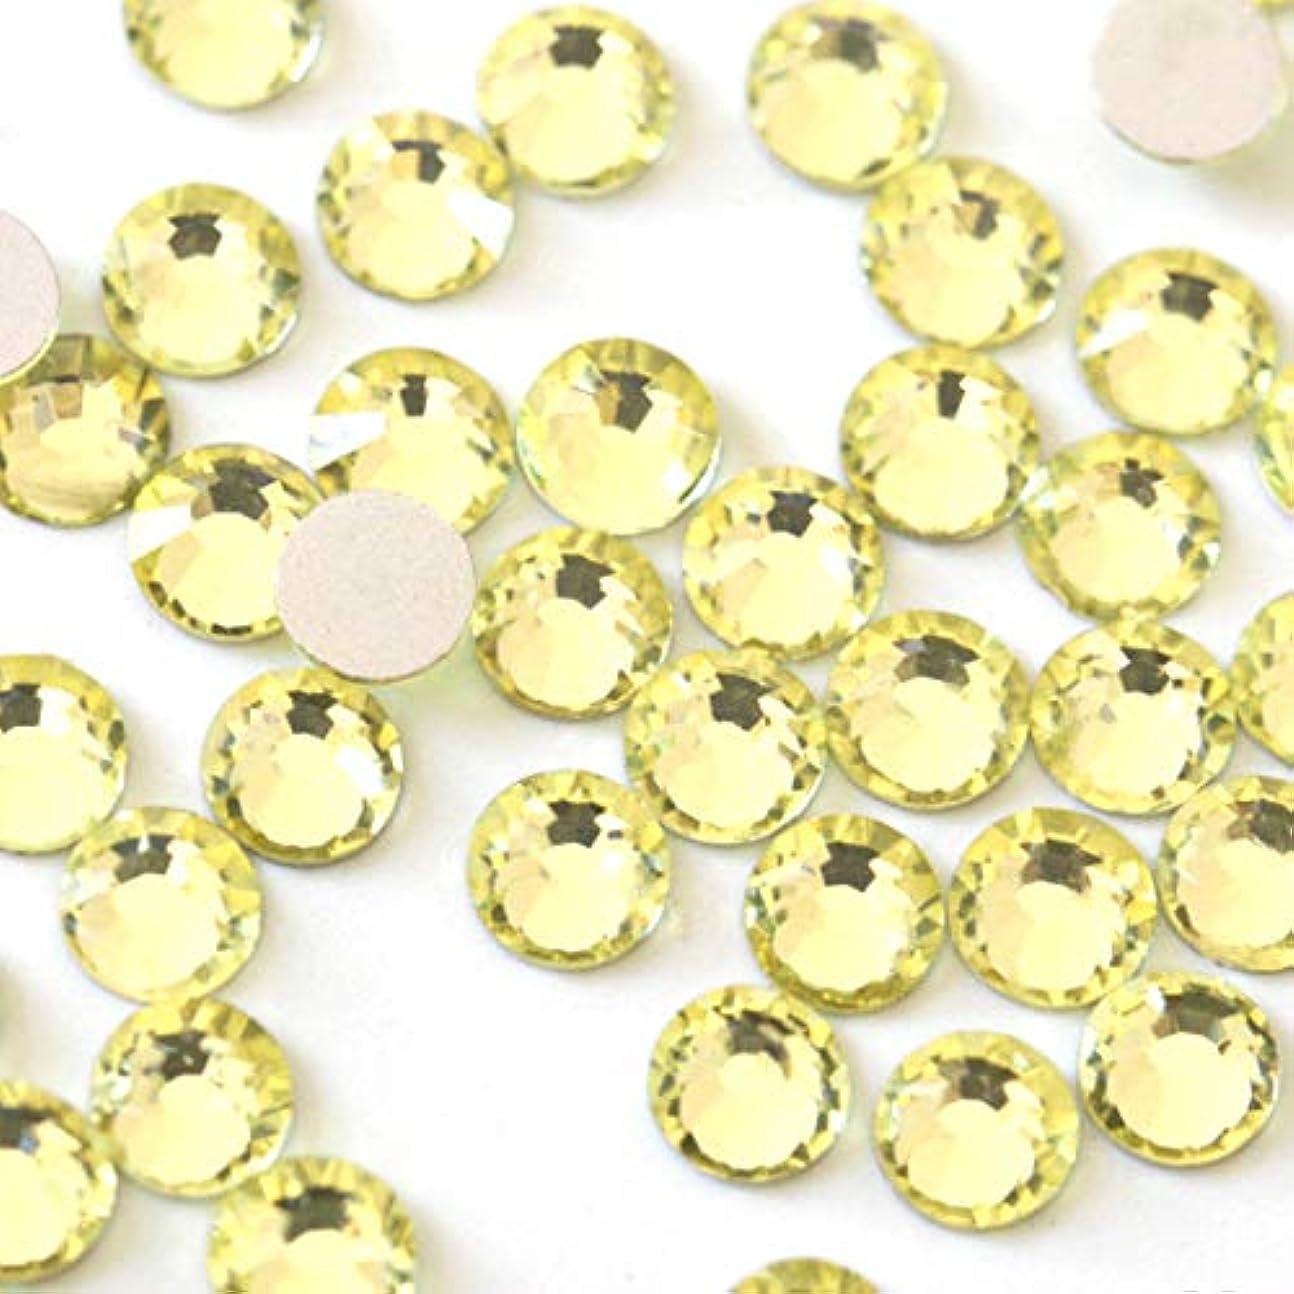 収益道徳教育ある【ラインストーン77】高品質ガラス製ラインストーン ジョンキル(2.6mm (SS10) 約200粒)